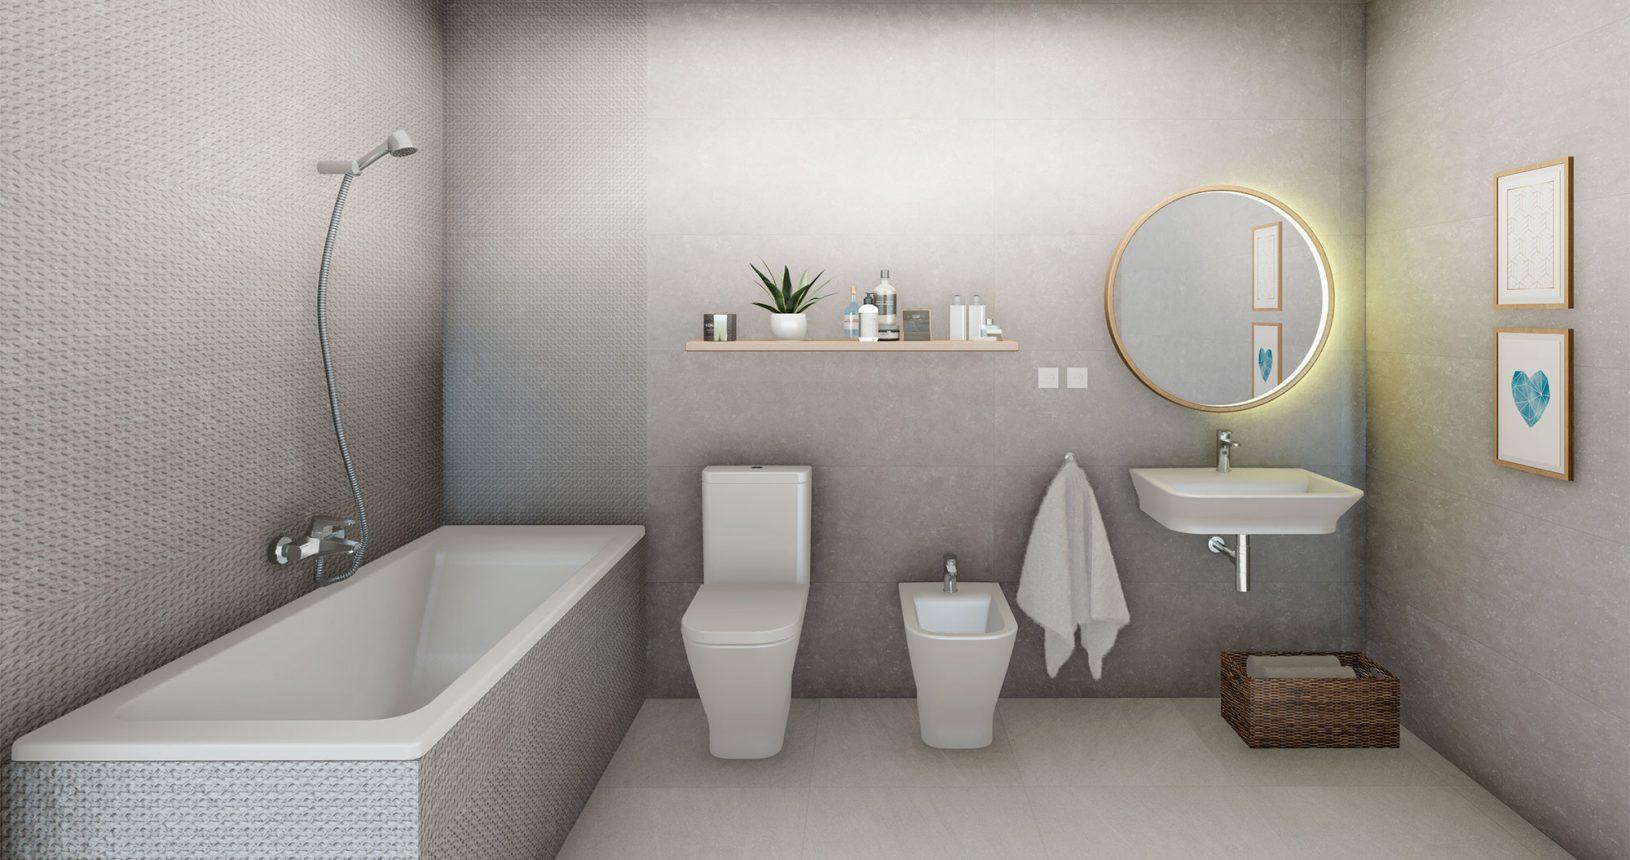 Baño de viviendas de obra nueva en Picanya